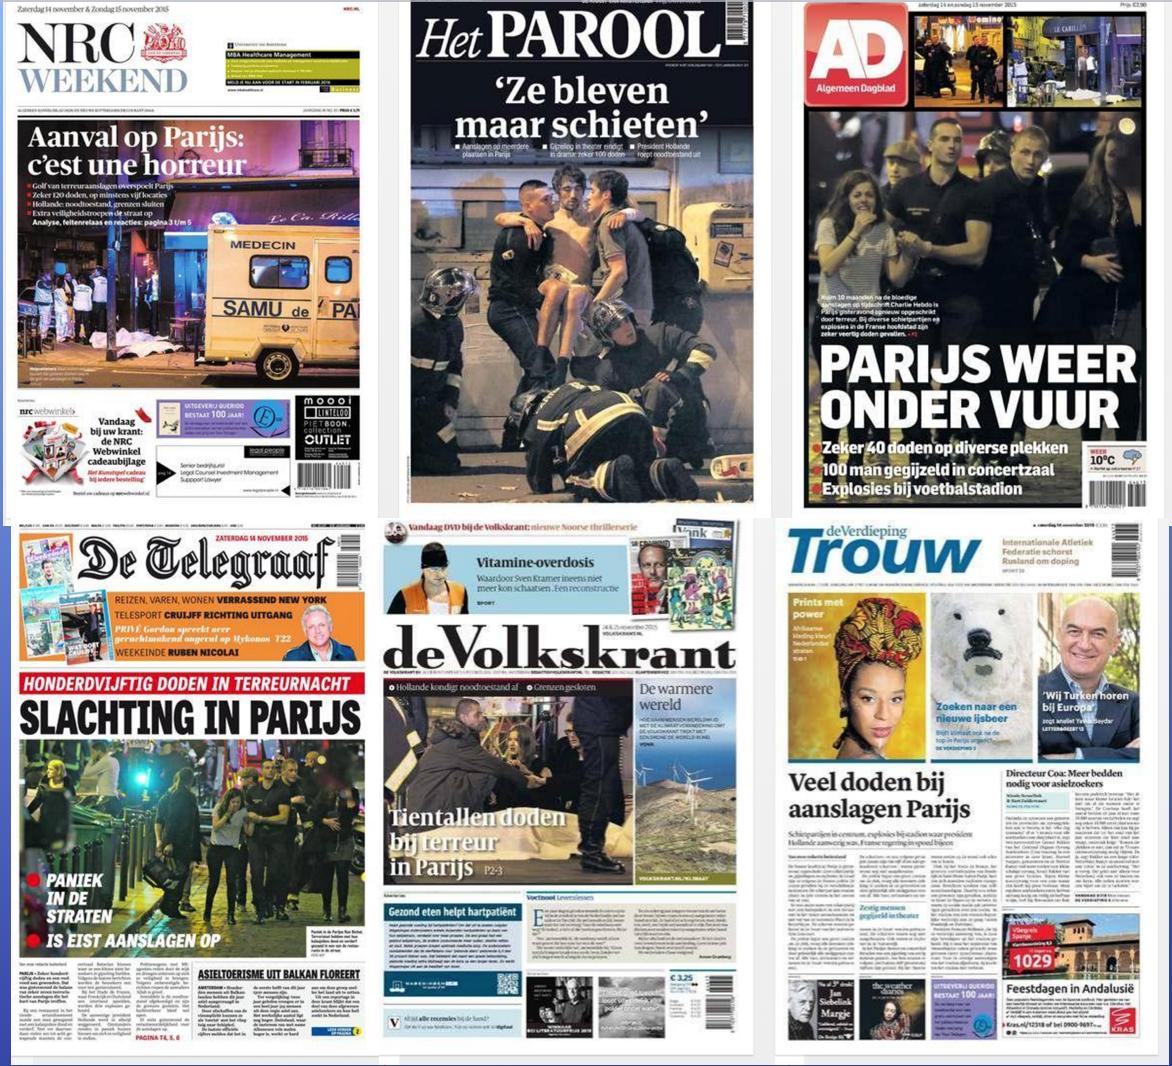 Teruglezen liveblog: 'een van de daders is Syriëganger' - 129 ...: www.nrc.nl/nieuws/2015/11/14/live-aanslagen-in-parijs-frankrijk...